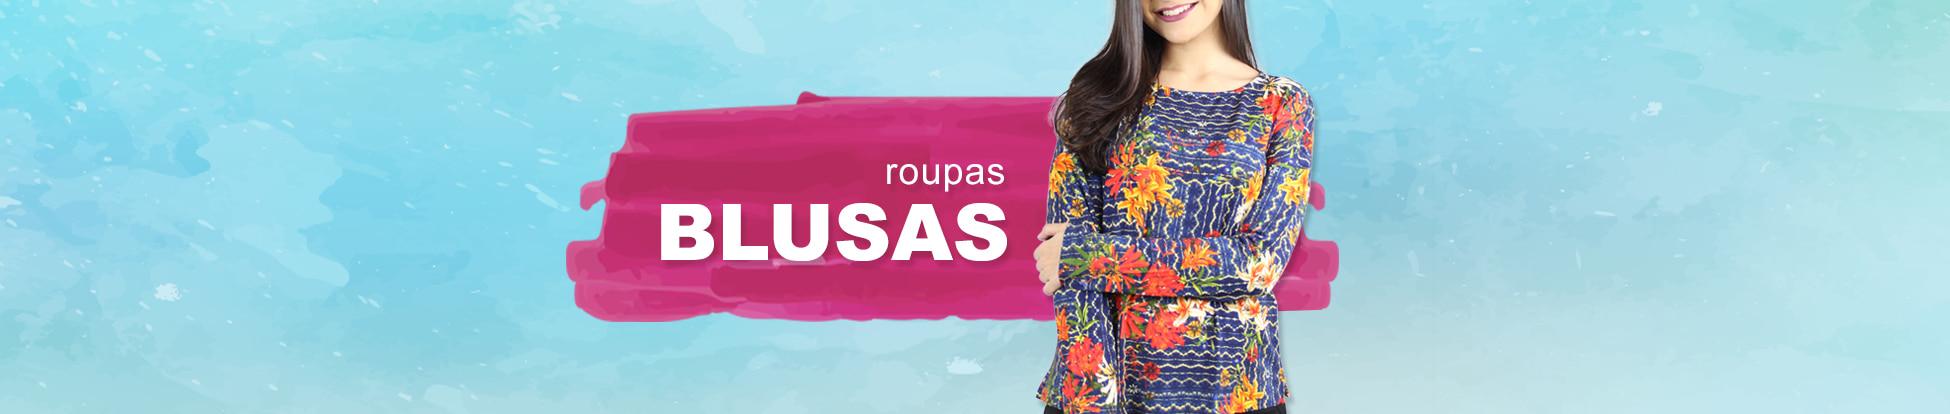 Roupas - Blusas